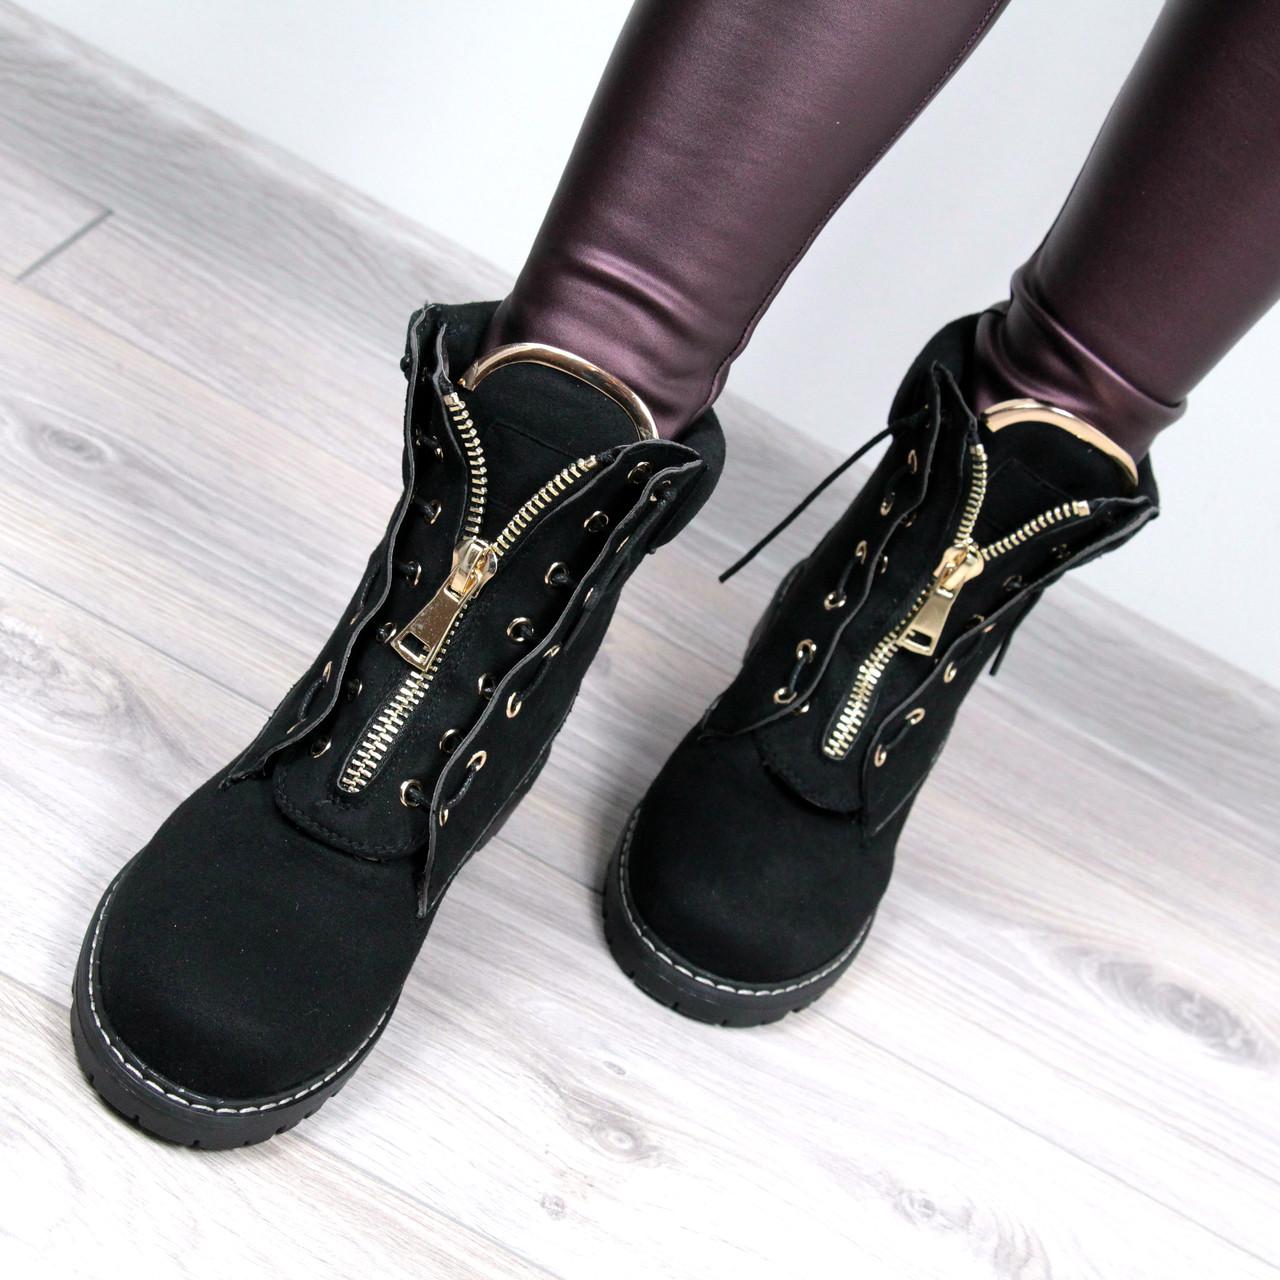 b9d171ececa7 «Ботинки женские демисезонные Balmain черные замша, осенняя обувь» —  карточка пользователя ki.kora в Яндекс.Коллекциях